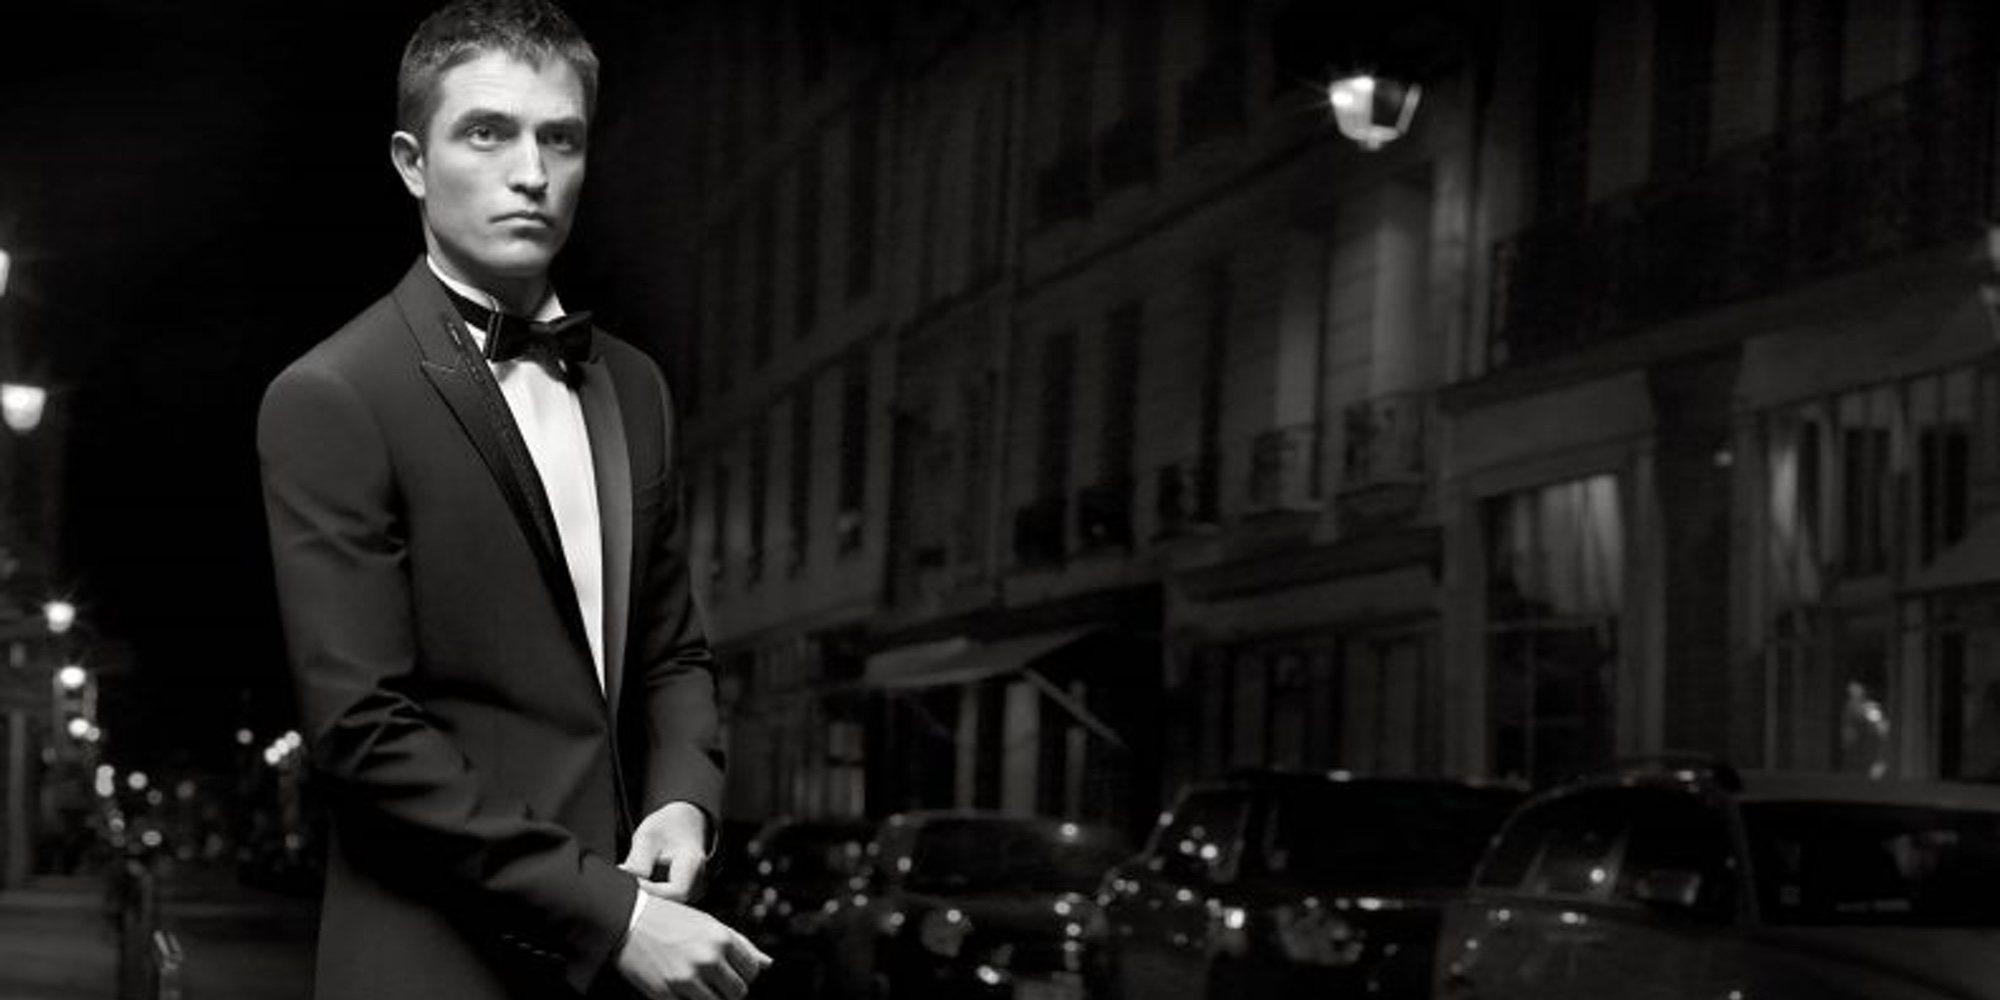 Warner Bros confirma a Robert Pattinson para interpretar al nuevo Batman